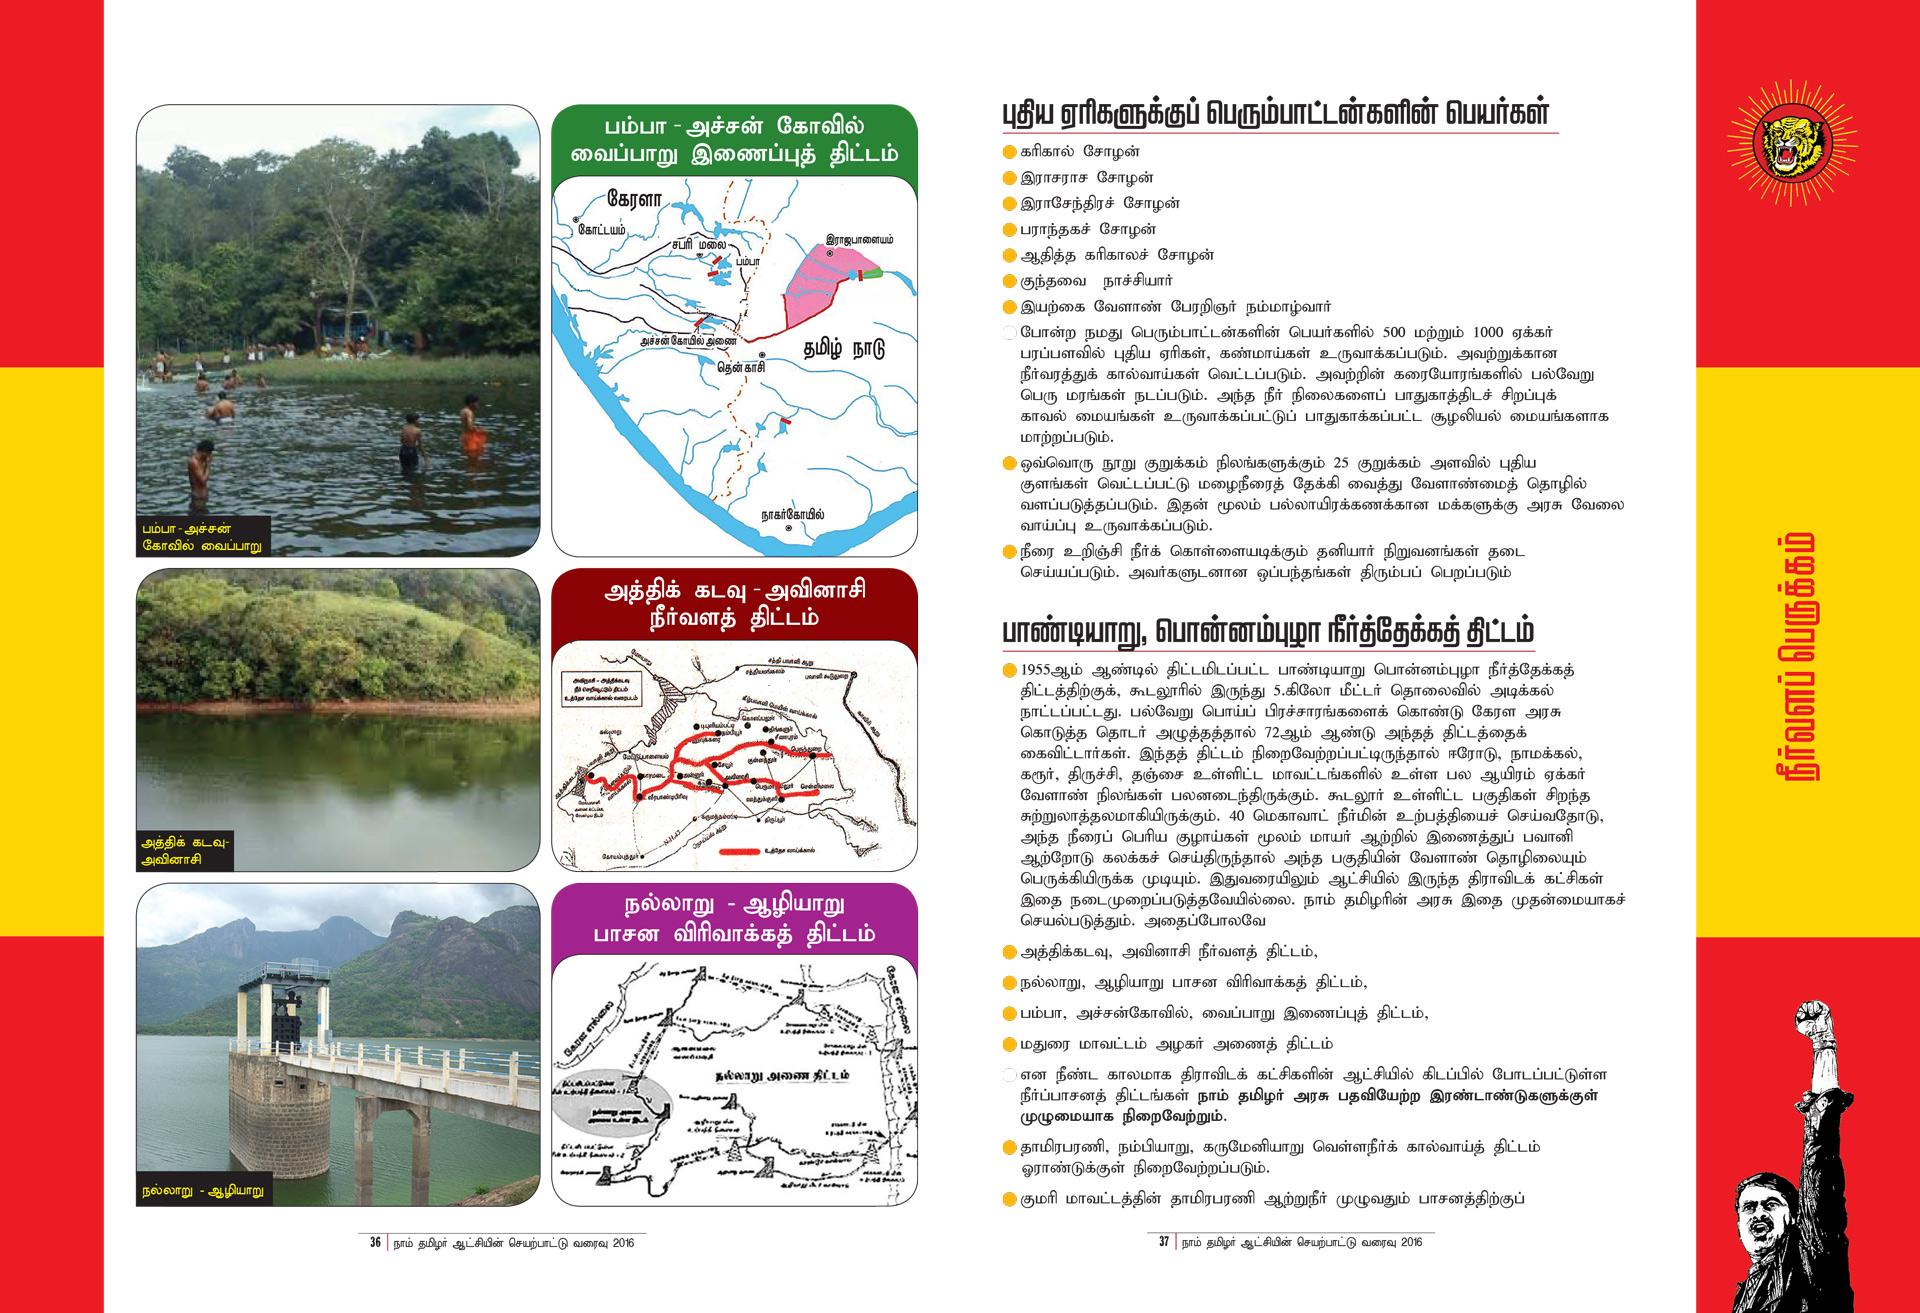 நீர்வளப் பெருக்கம் – நாம் தமிழர் ஆட்சி செயற்பாட்டு வரைவு | மக்களரசு naam tamilar katchi seyarpattu varaivu 2016 neer valam perukkam water resource management 36